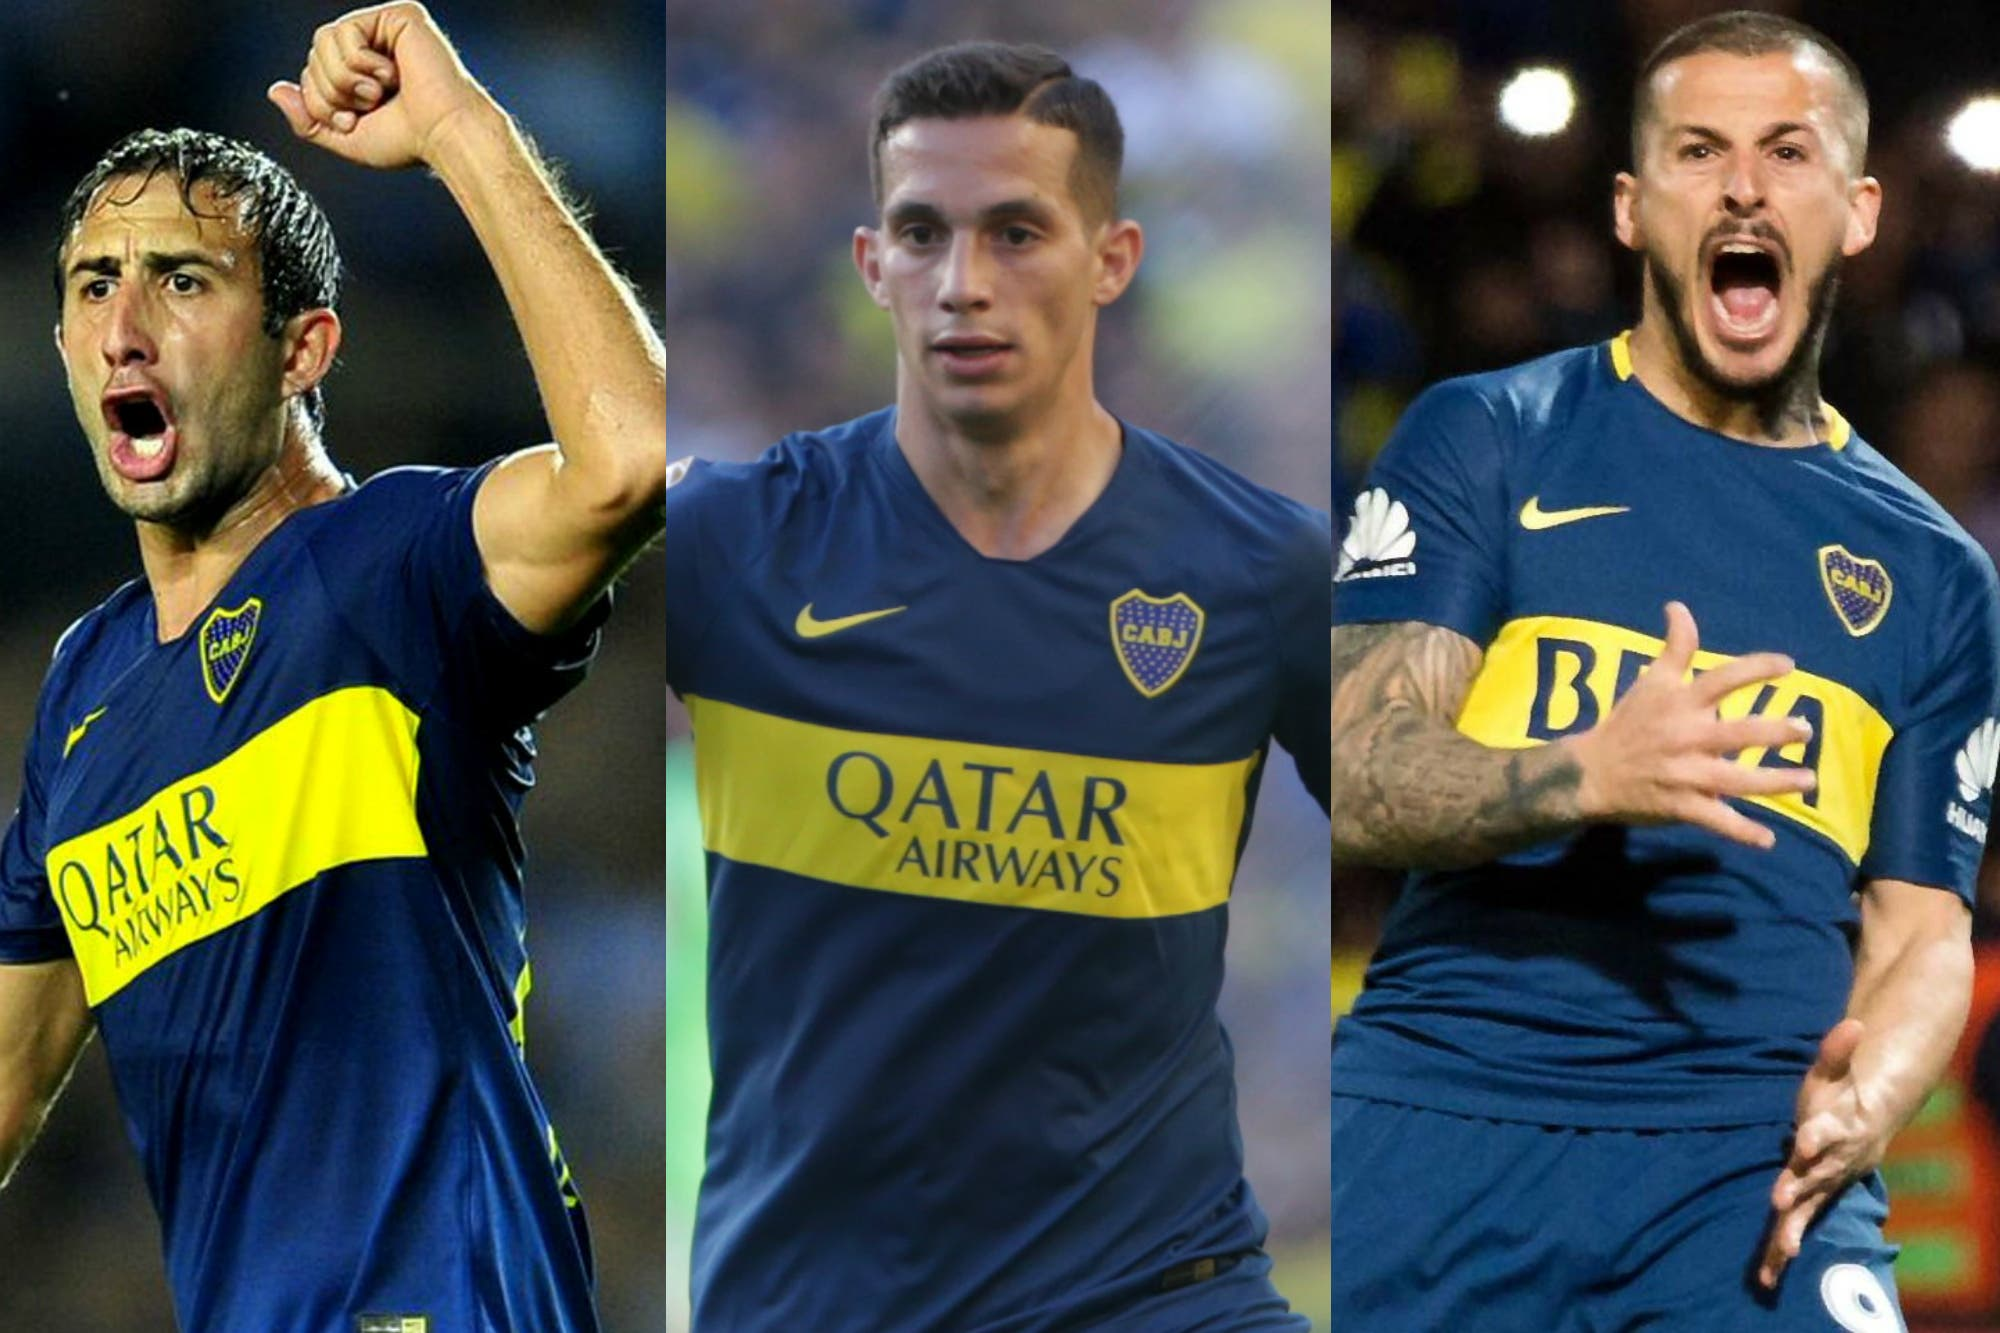 Copa Libertadores: un desafío para Izquierdoz, Marcone y Benedetto, la columna vertebral de Boca